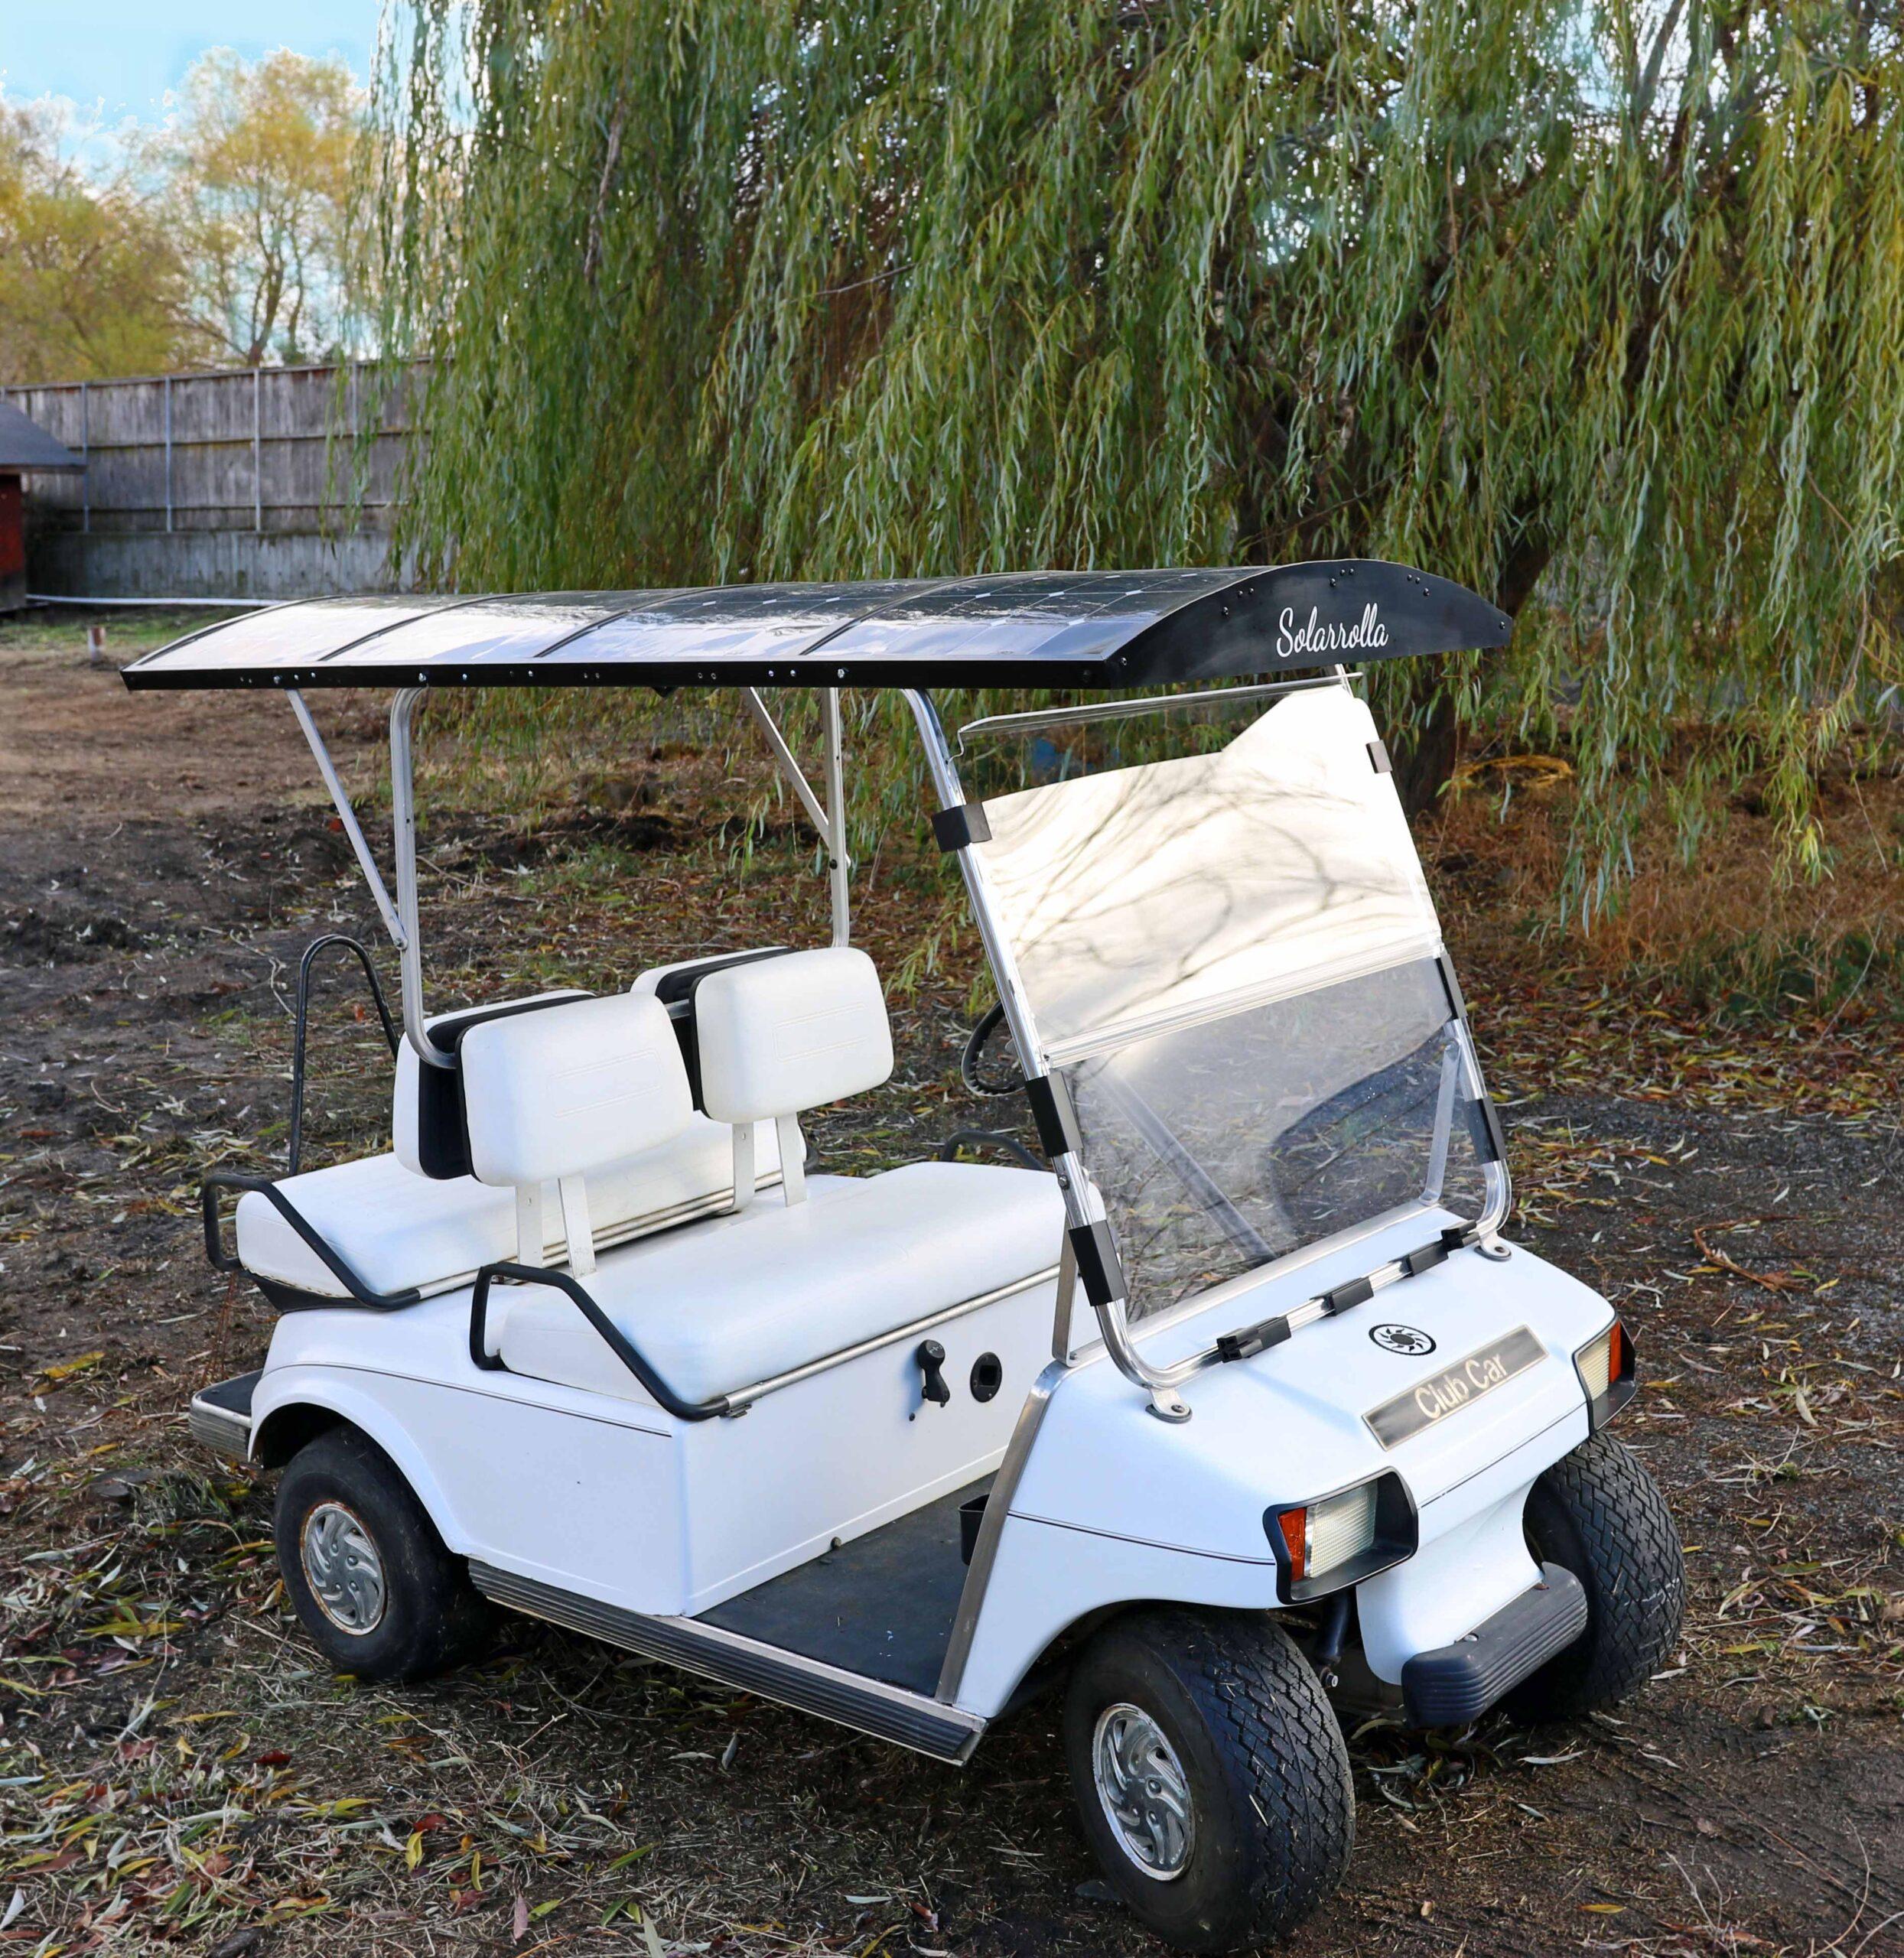 Electric Club Car, Solar Powered Golf Cart